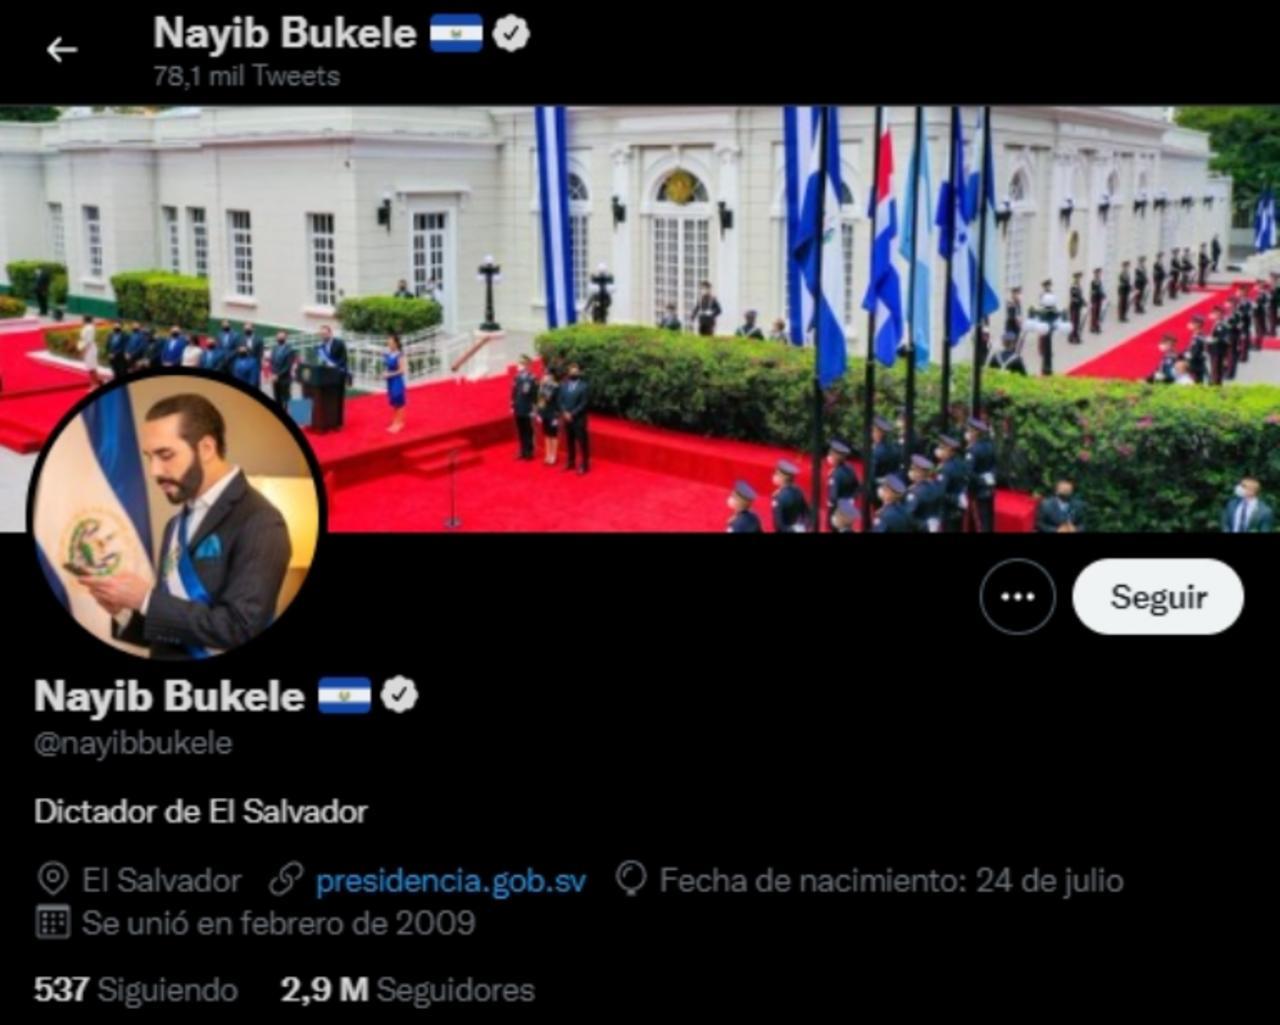 El presidente Nayib Bukele escribe en su biografía de Twitter dictador de El Salvador. Noticias en tiempo real